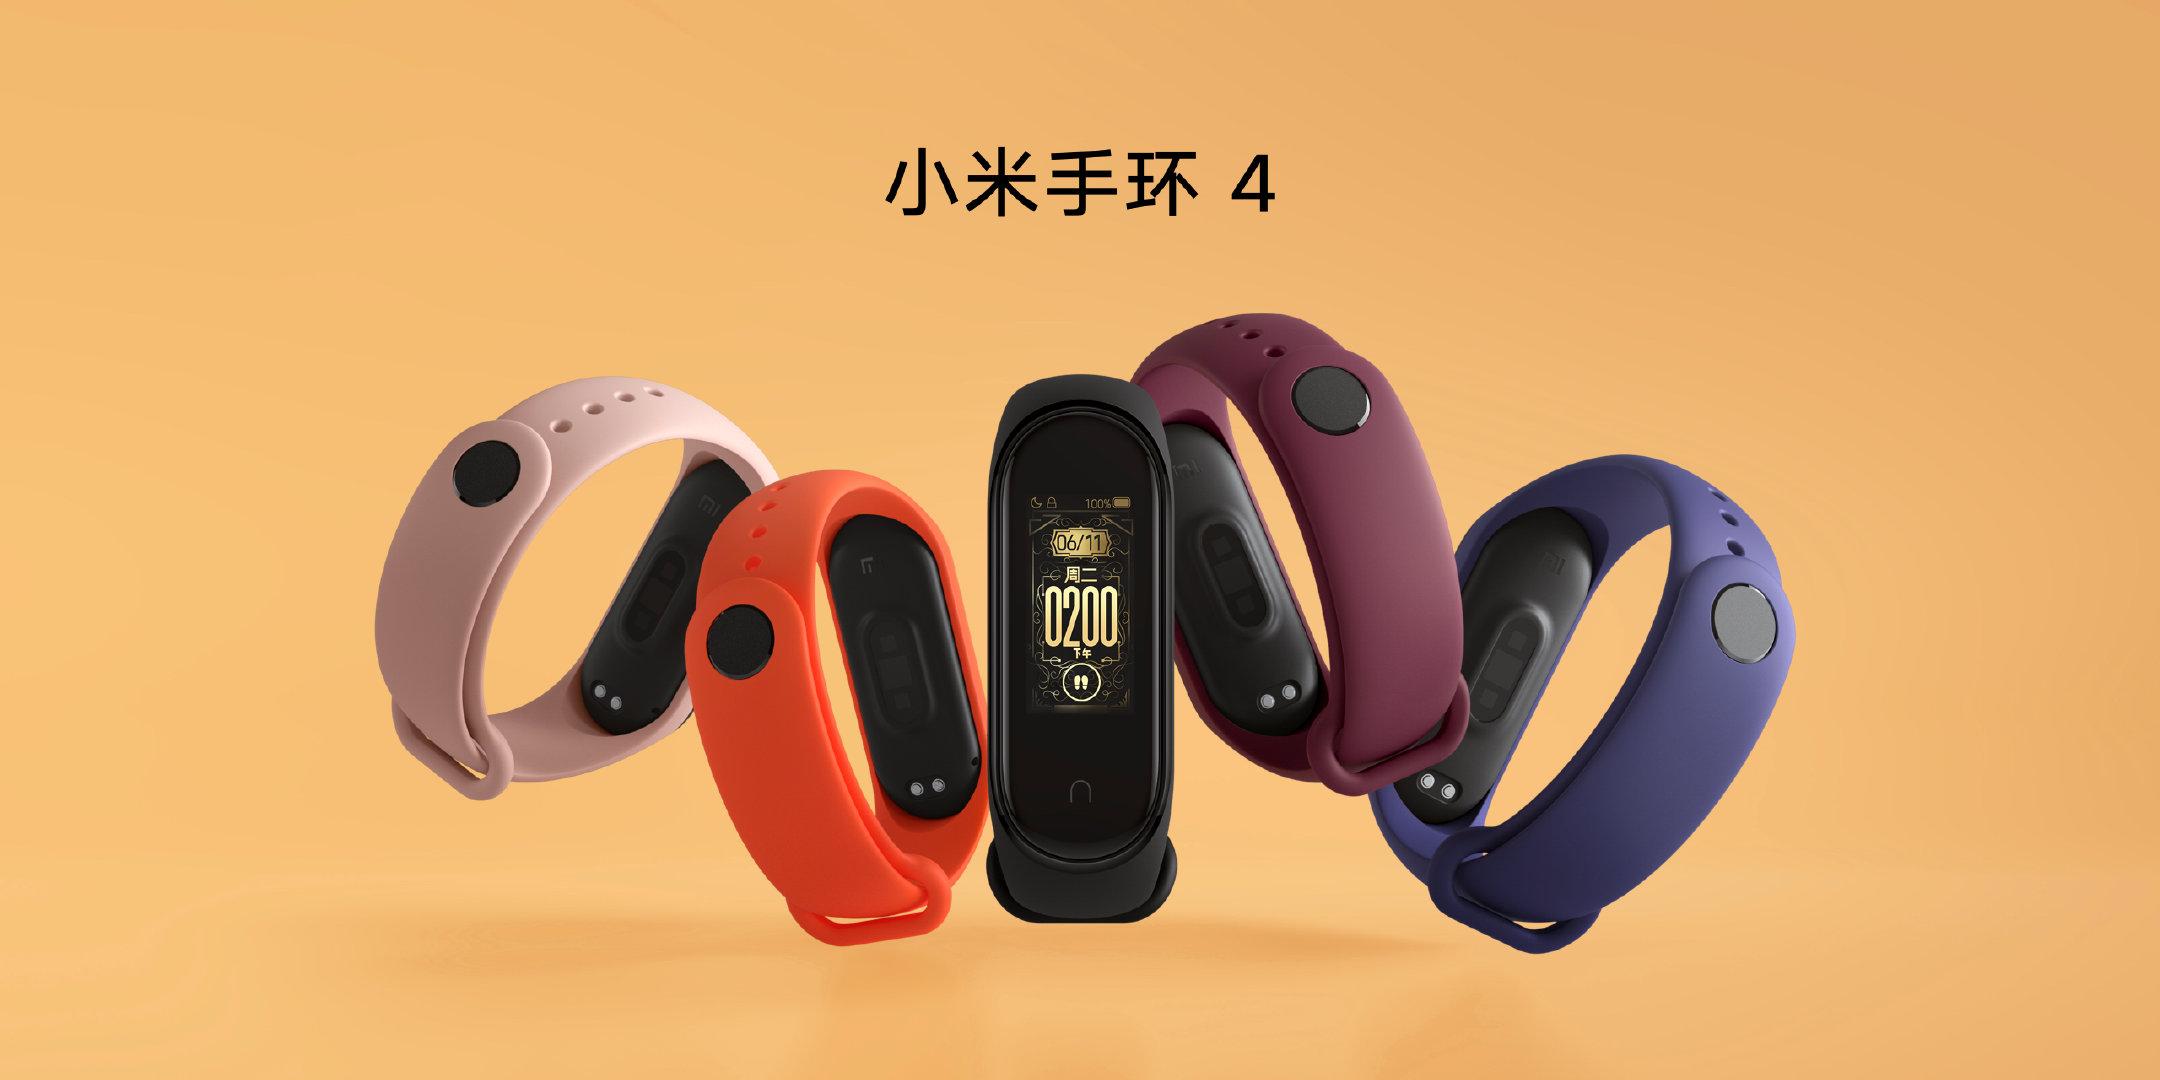 Xiaomi Mi Band 4 ufficiale con NFC e display a colori!